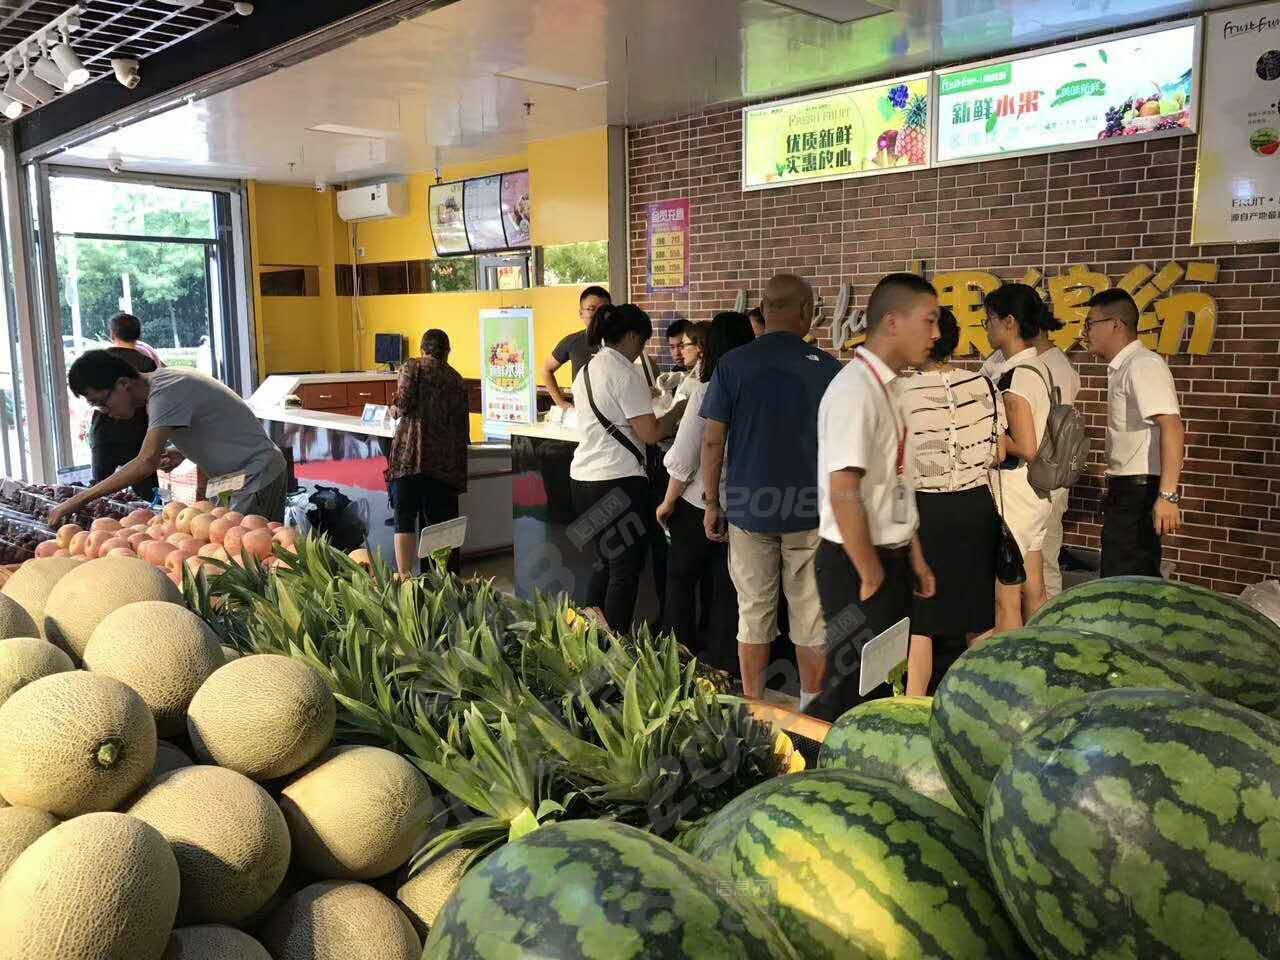 果缤纷水果店加盟全渠道品牌管理利益空间倍增